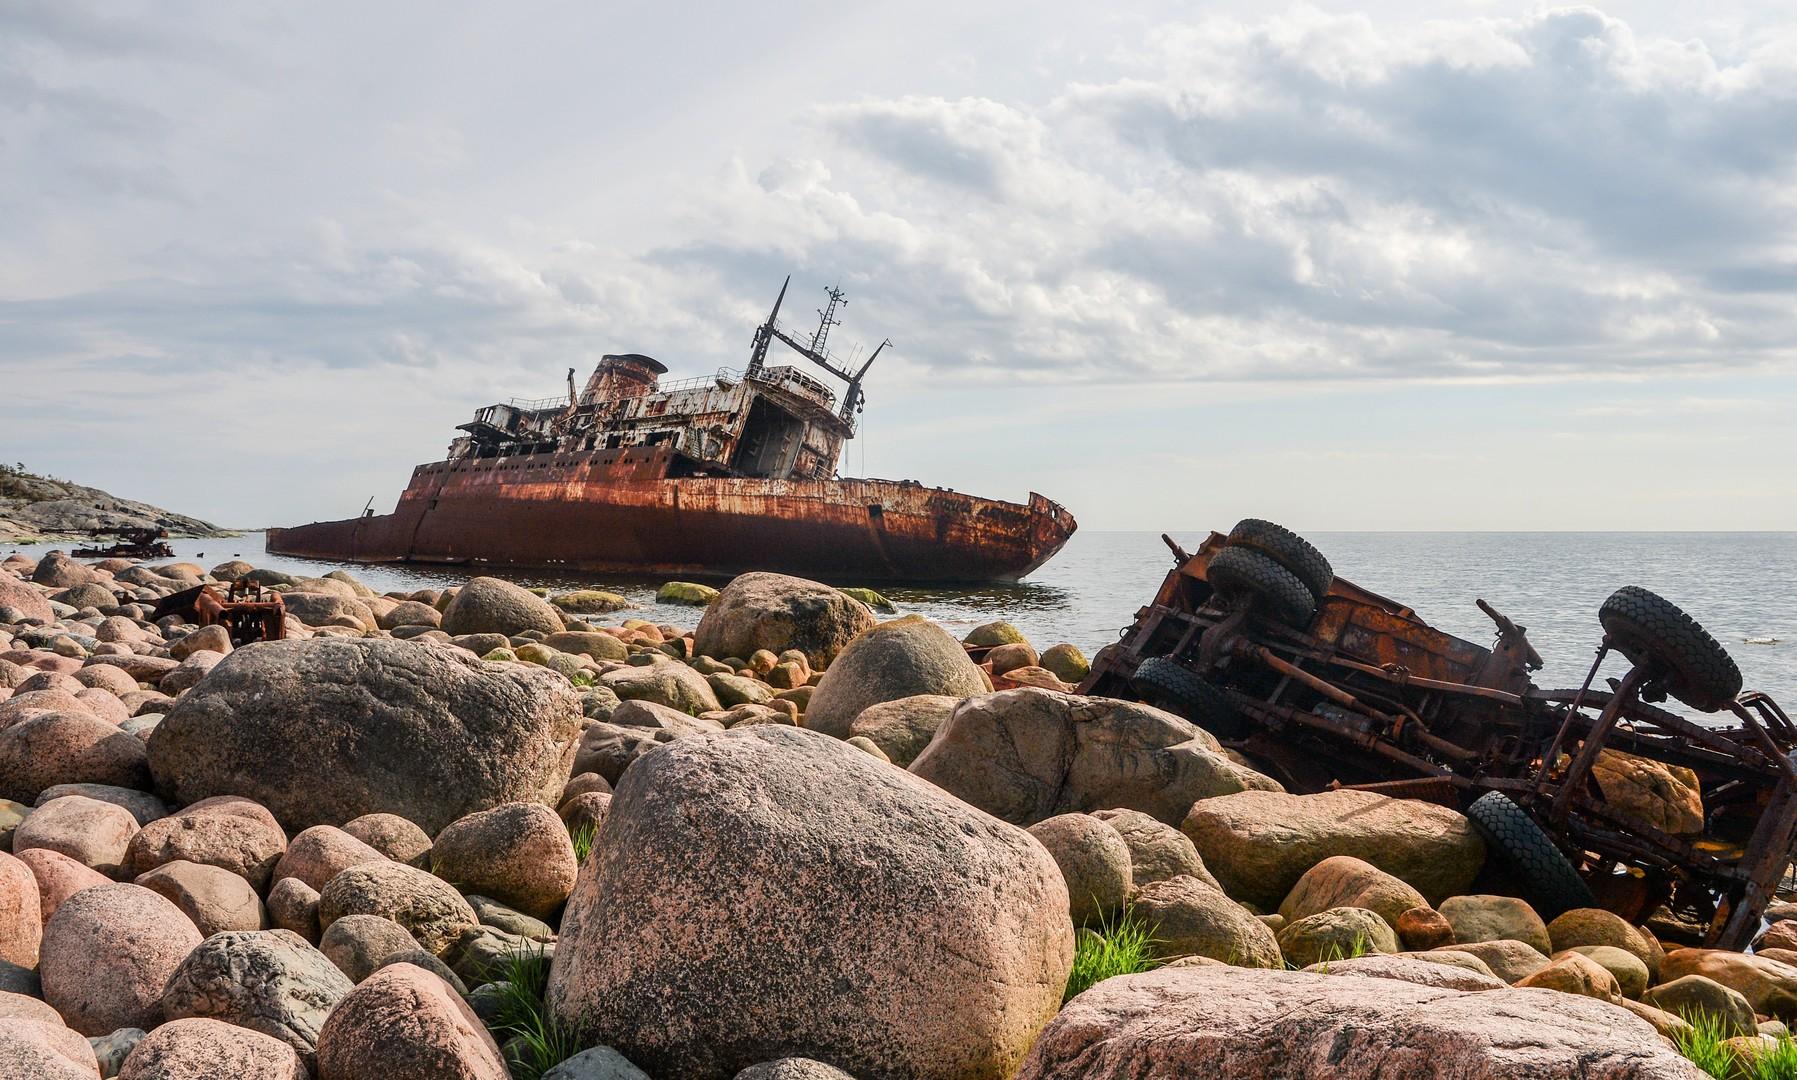 Остов океанографического исследовательского судна «Леонид Дёмин» у острова Гогланд в Финском заливе.